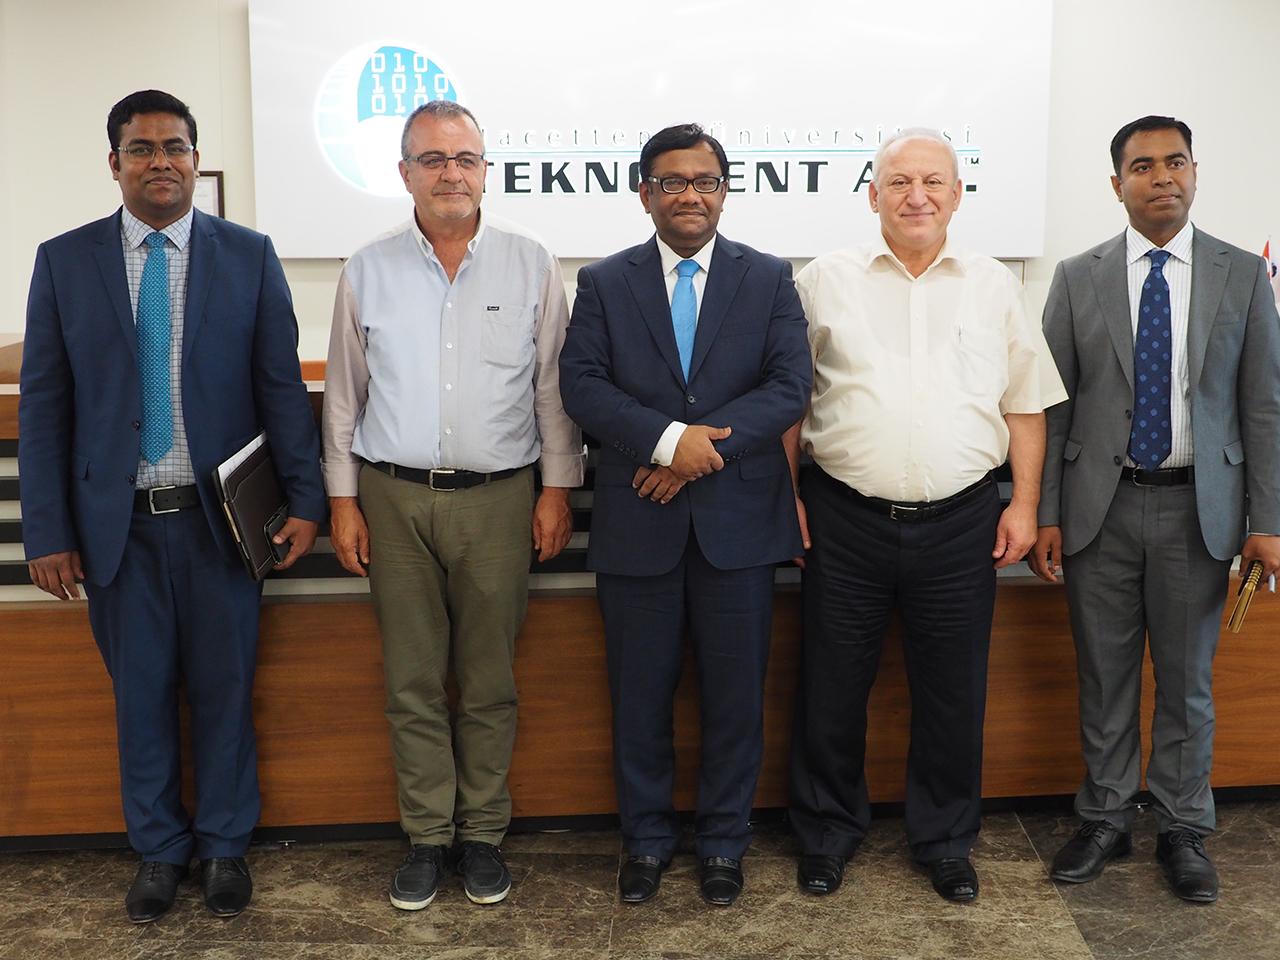 Bangladeş Büyükelçisi Sn. M. Allama Siddiki Teknokentimizi Ziyaret Etti